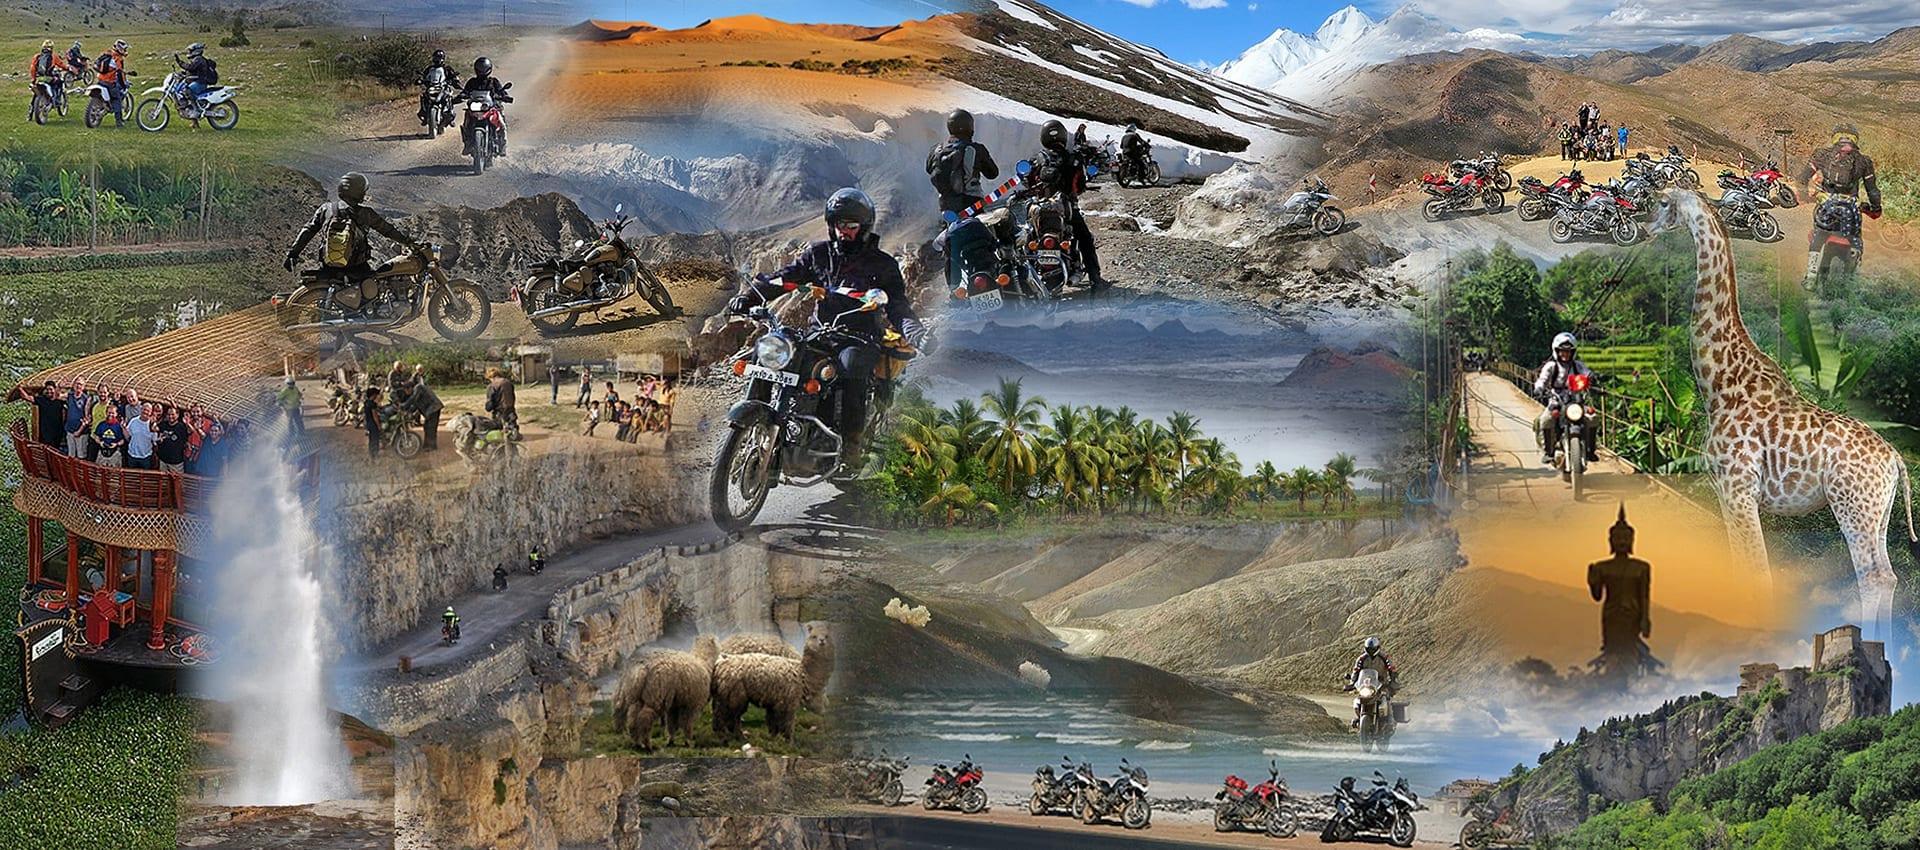 Schrijf je in voor de nieuwsbrief van Travel 2 Explore Motorreizen